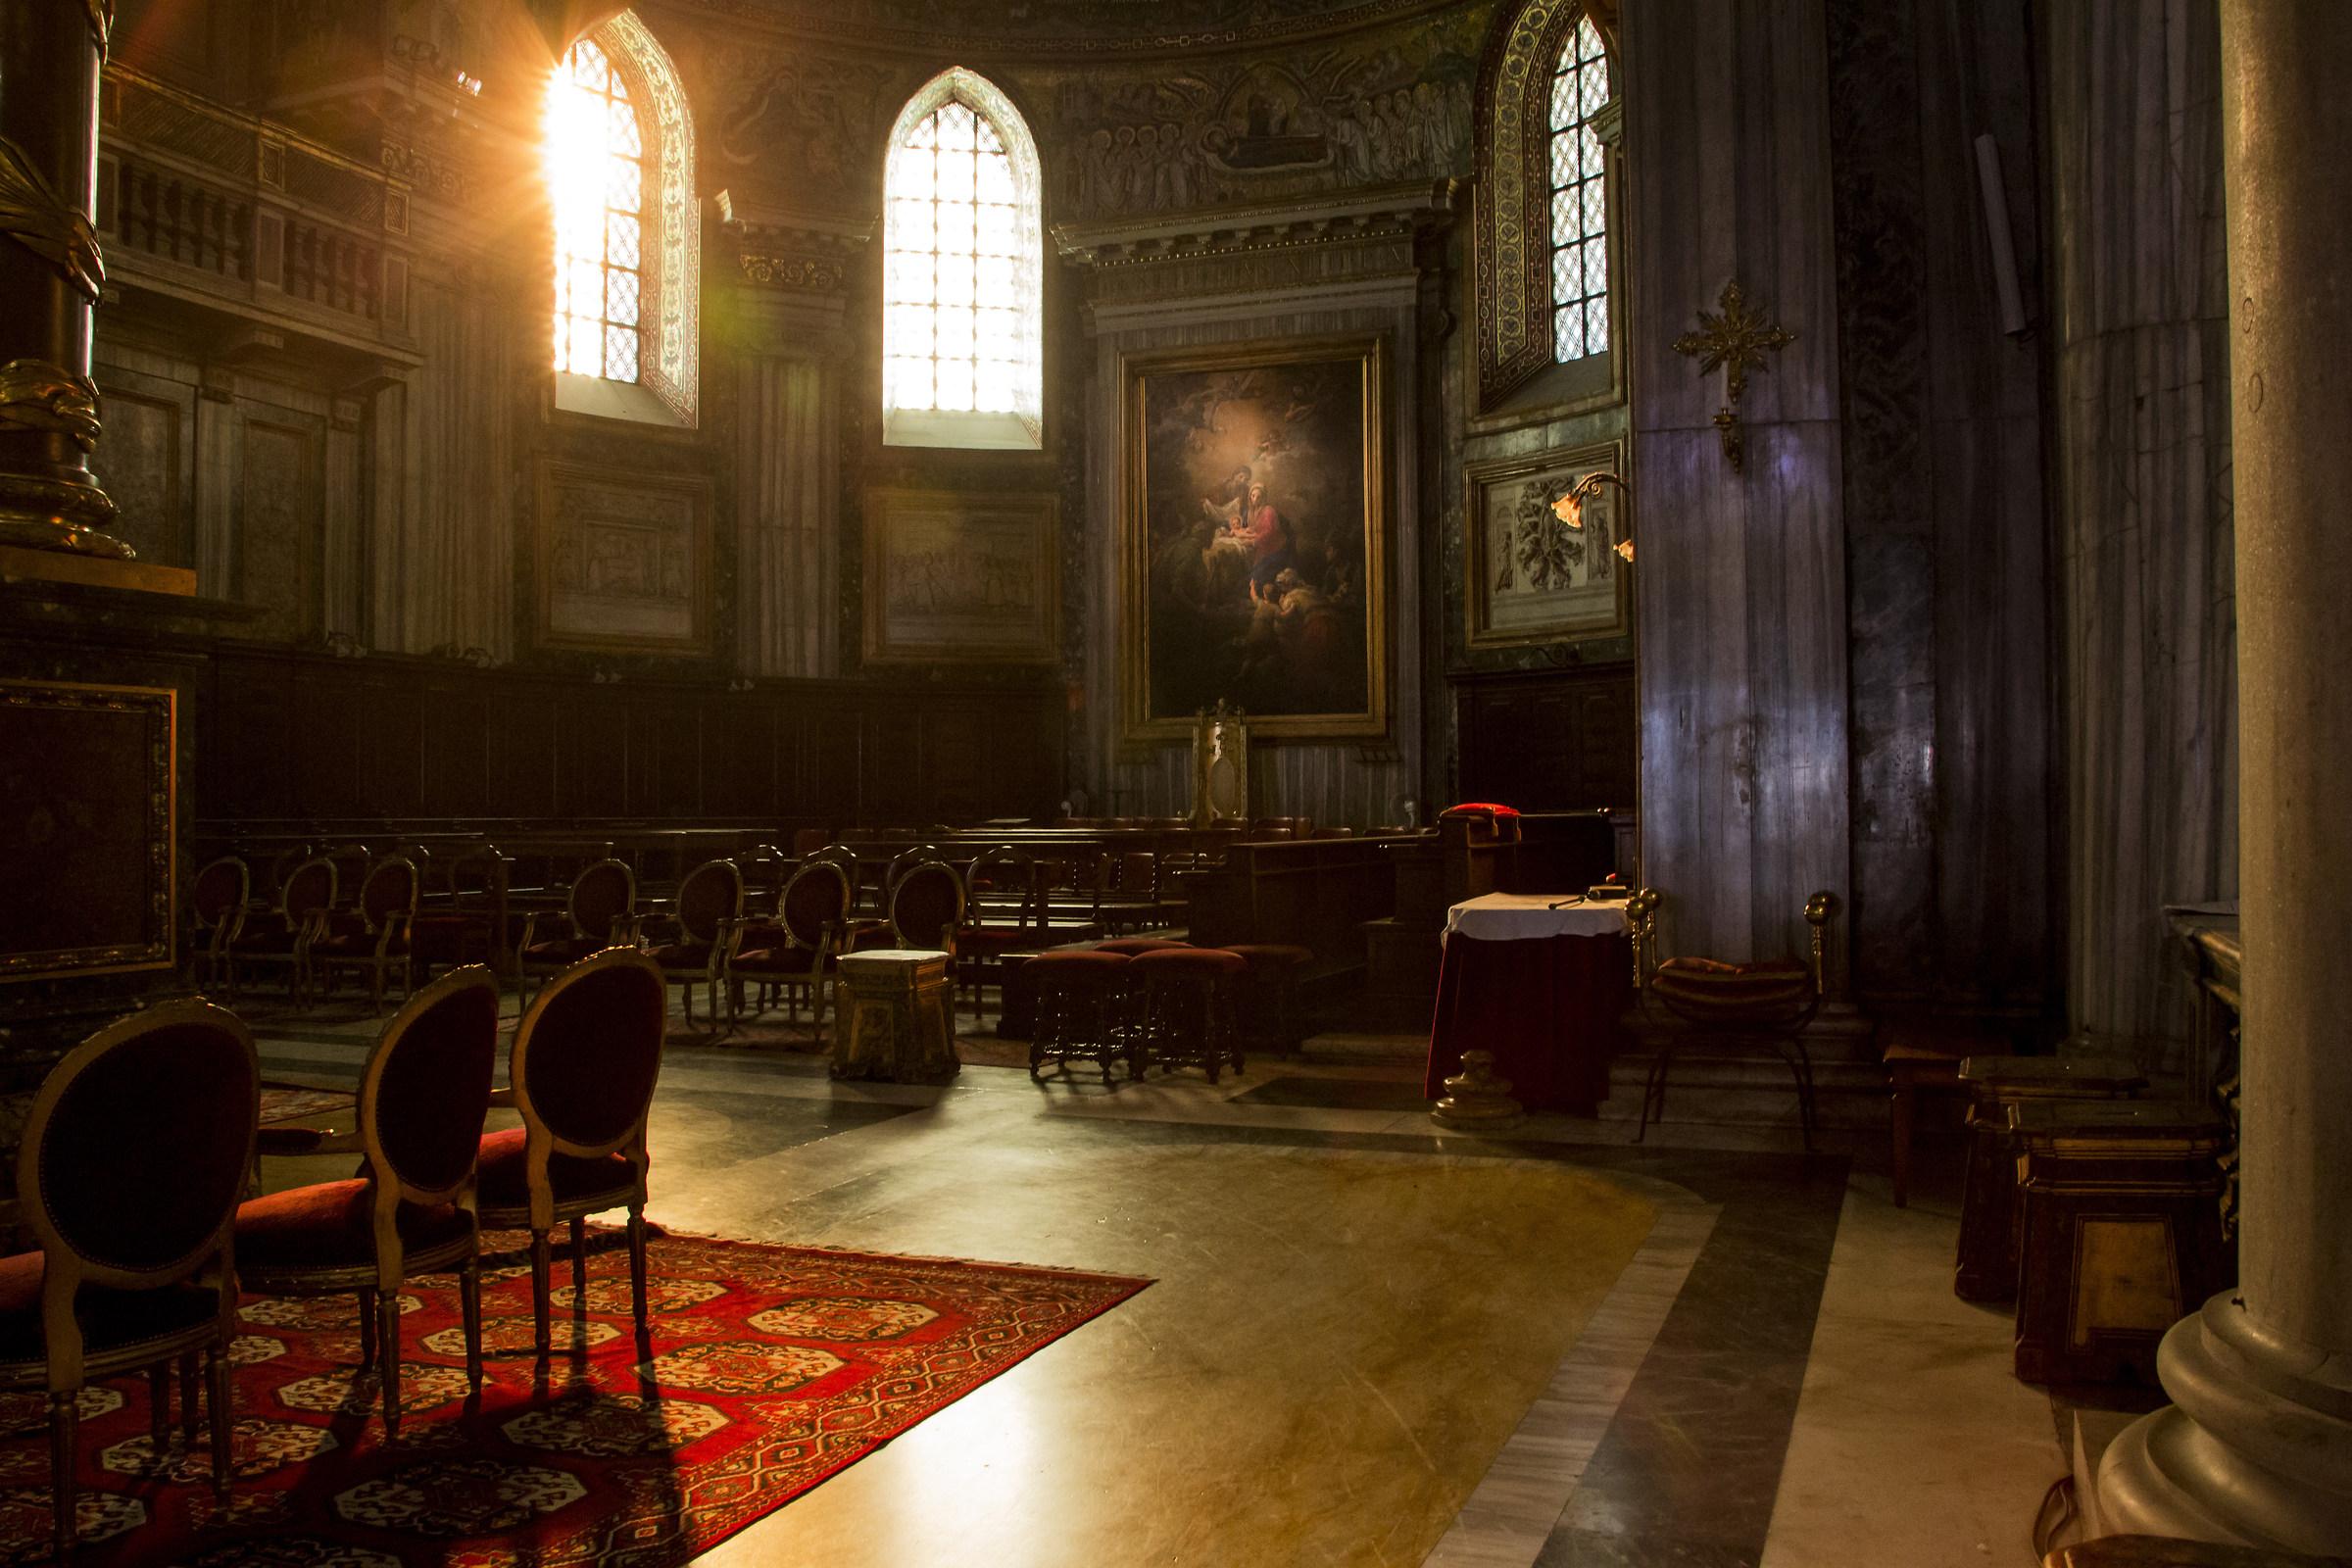 the basilica...